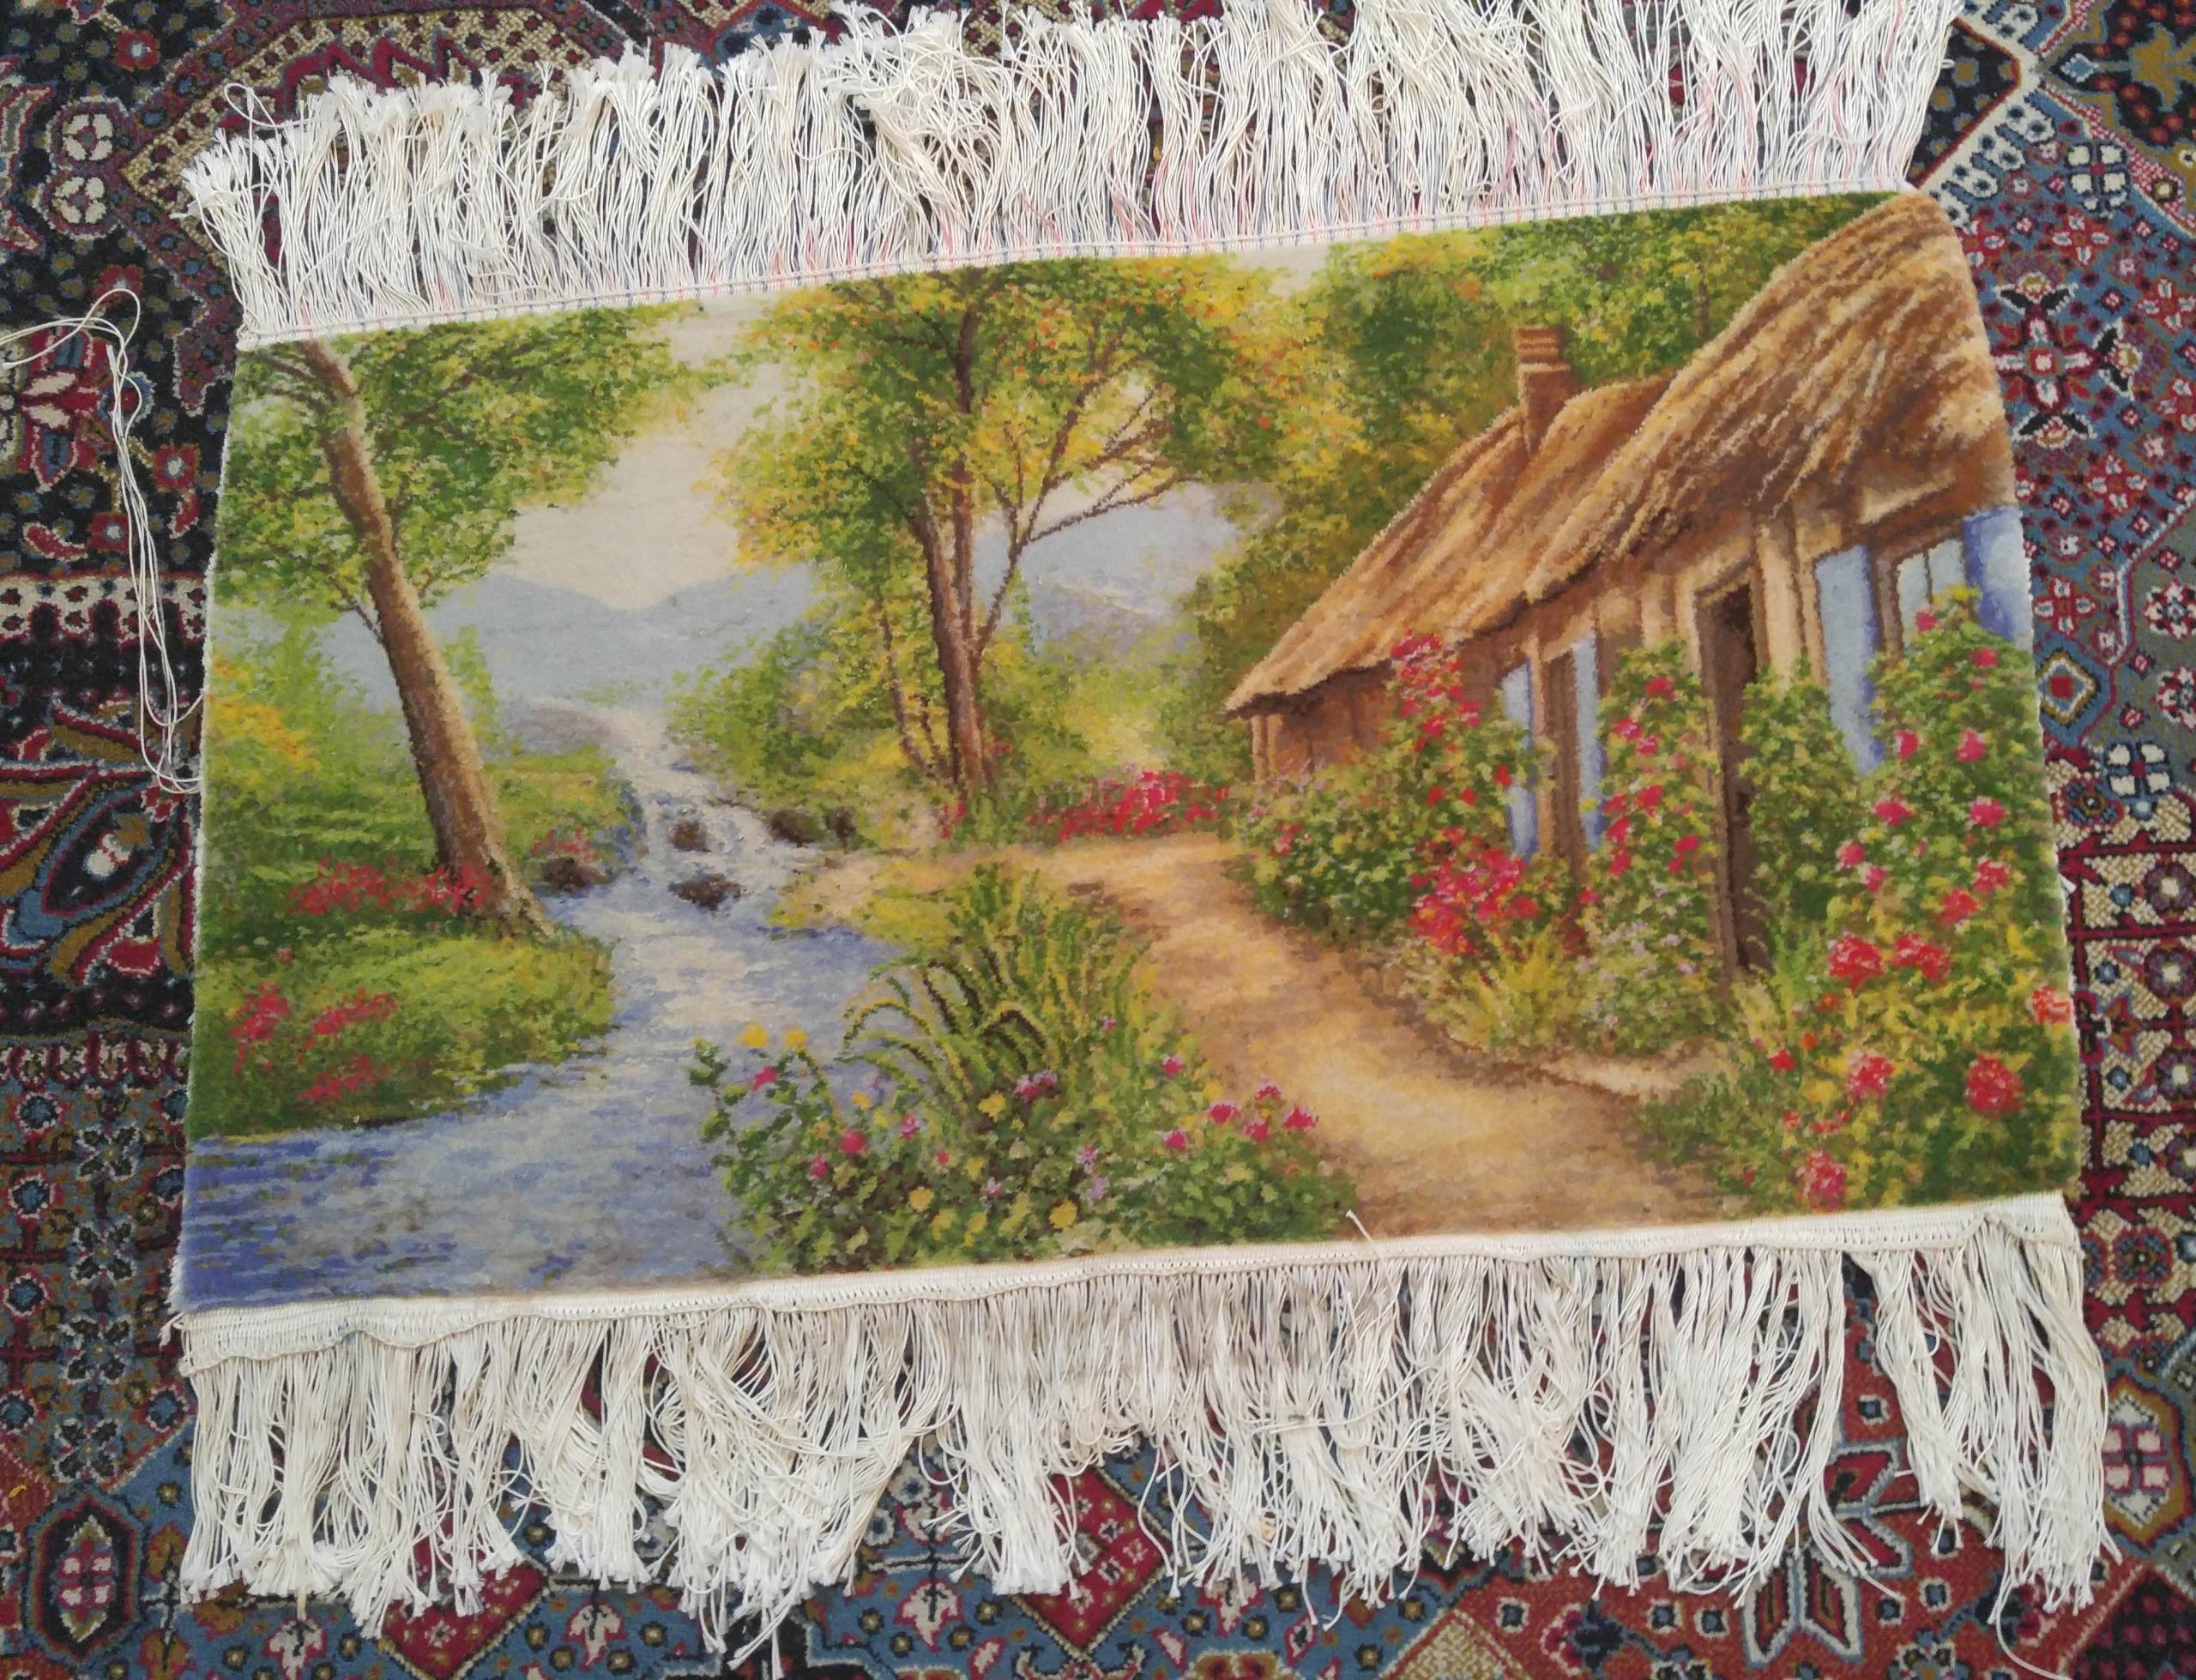 تصویری از روی تابلو فرش کلبه و جنگل رویایی